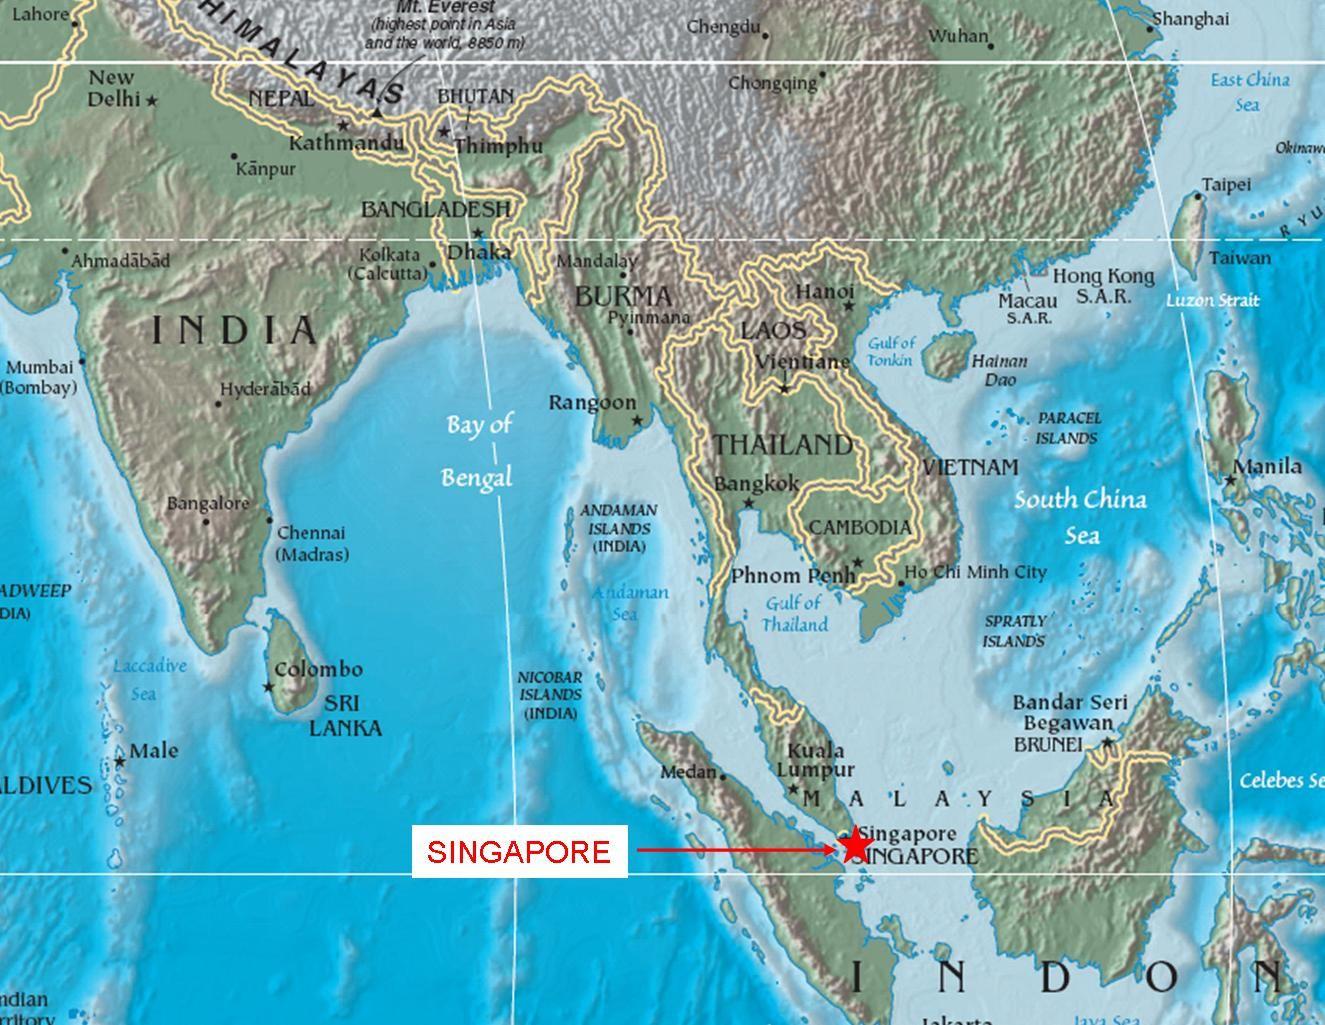 Singapore images myth 2 singaporeans dont speak english world map showing singapore gumiabroncs Gallery